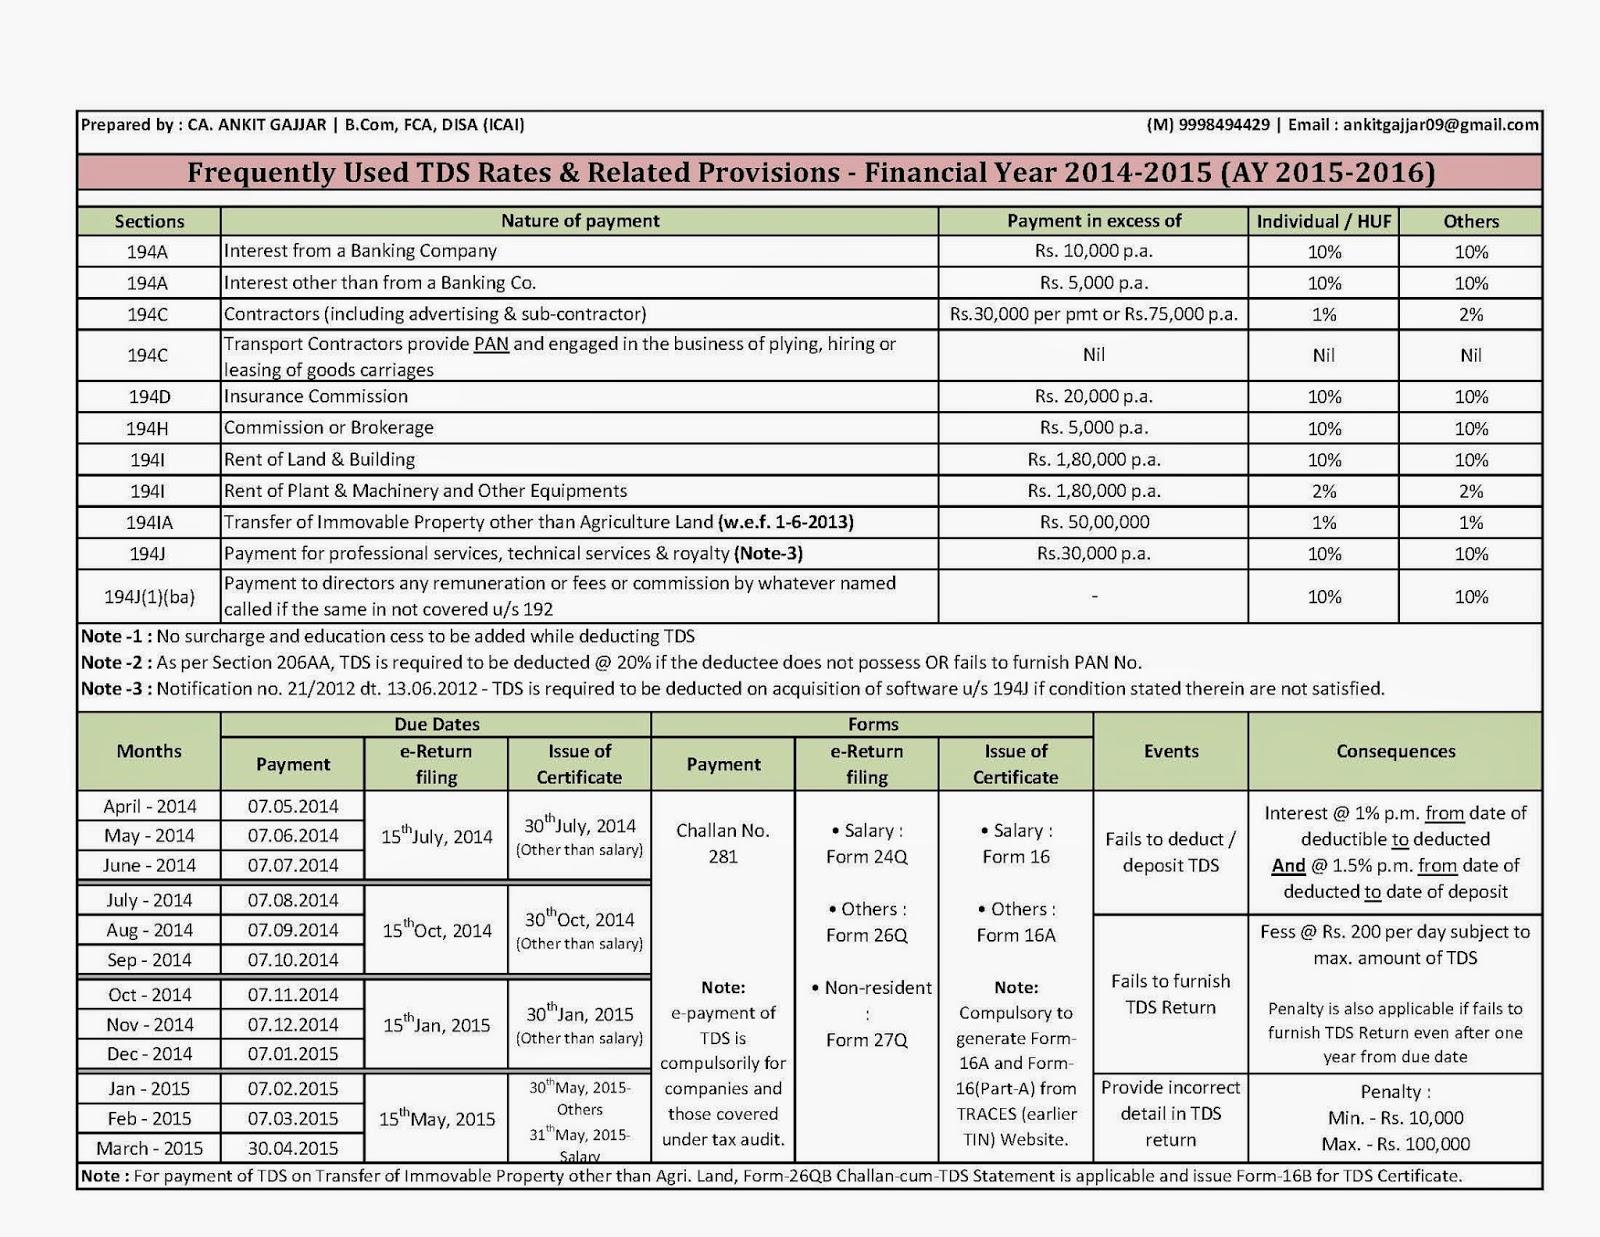 service tax reverse charge mechanism chart pdf 2015 16 pdf: Ca ankit gajjar